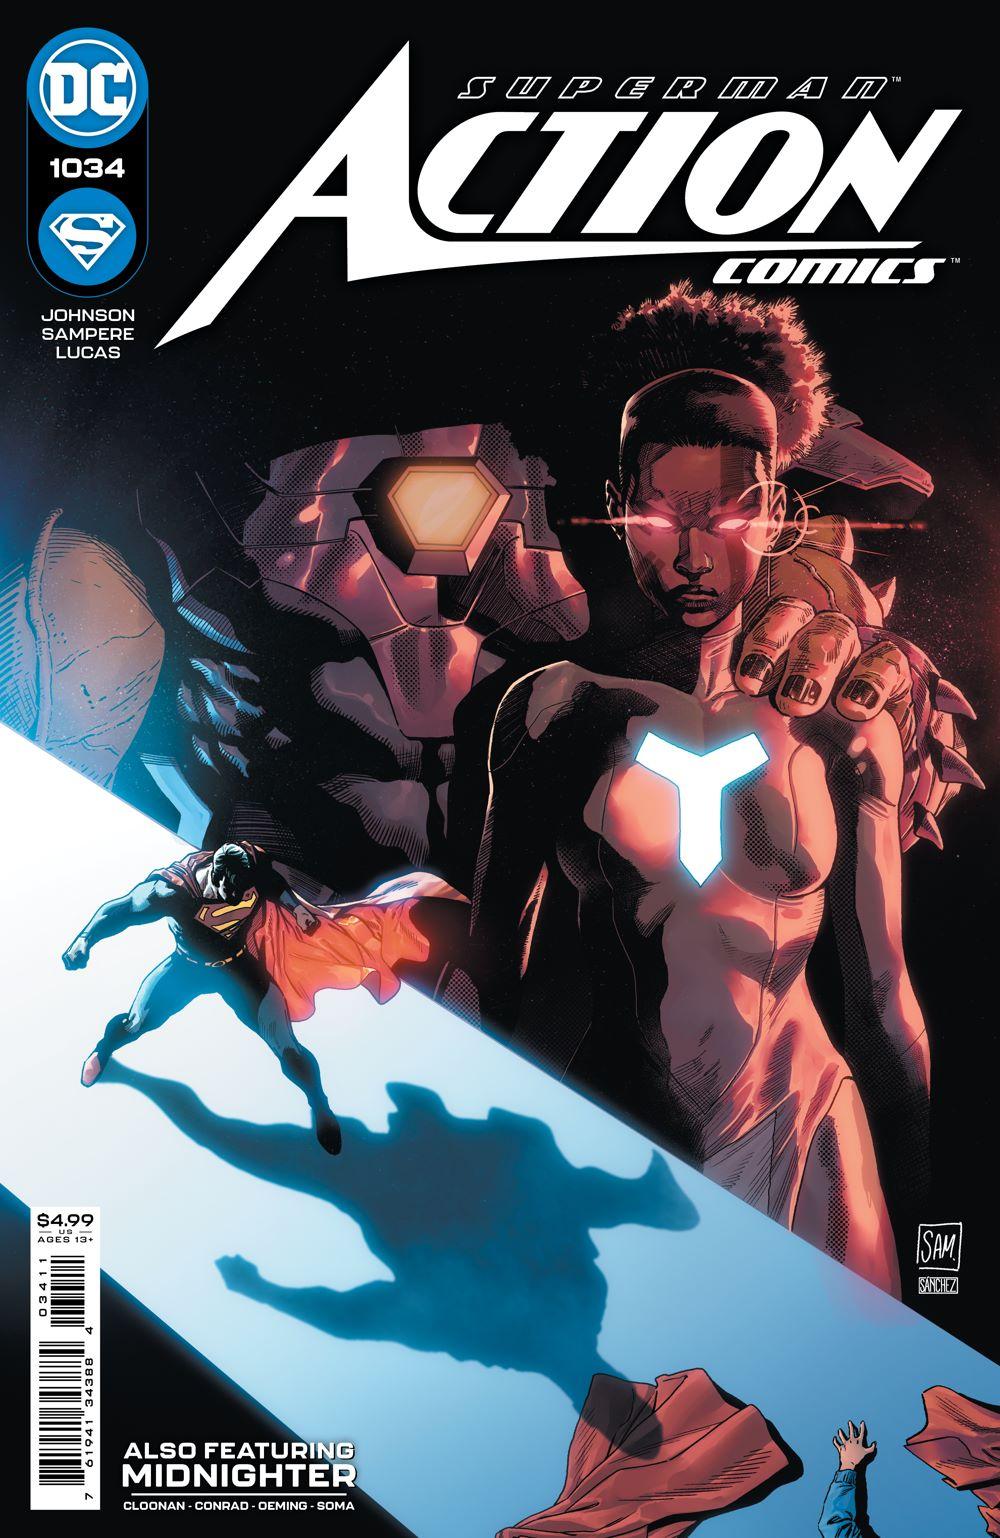 ACTIONCOMICS_Cv1034 DC Comics August 2021 Solicitations